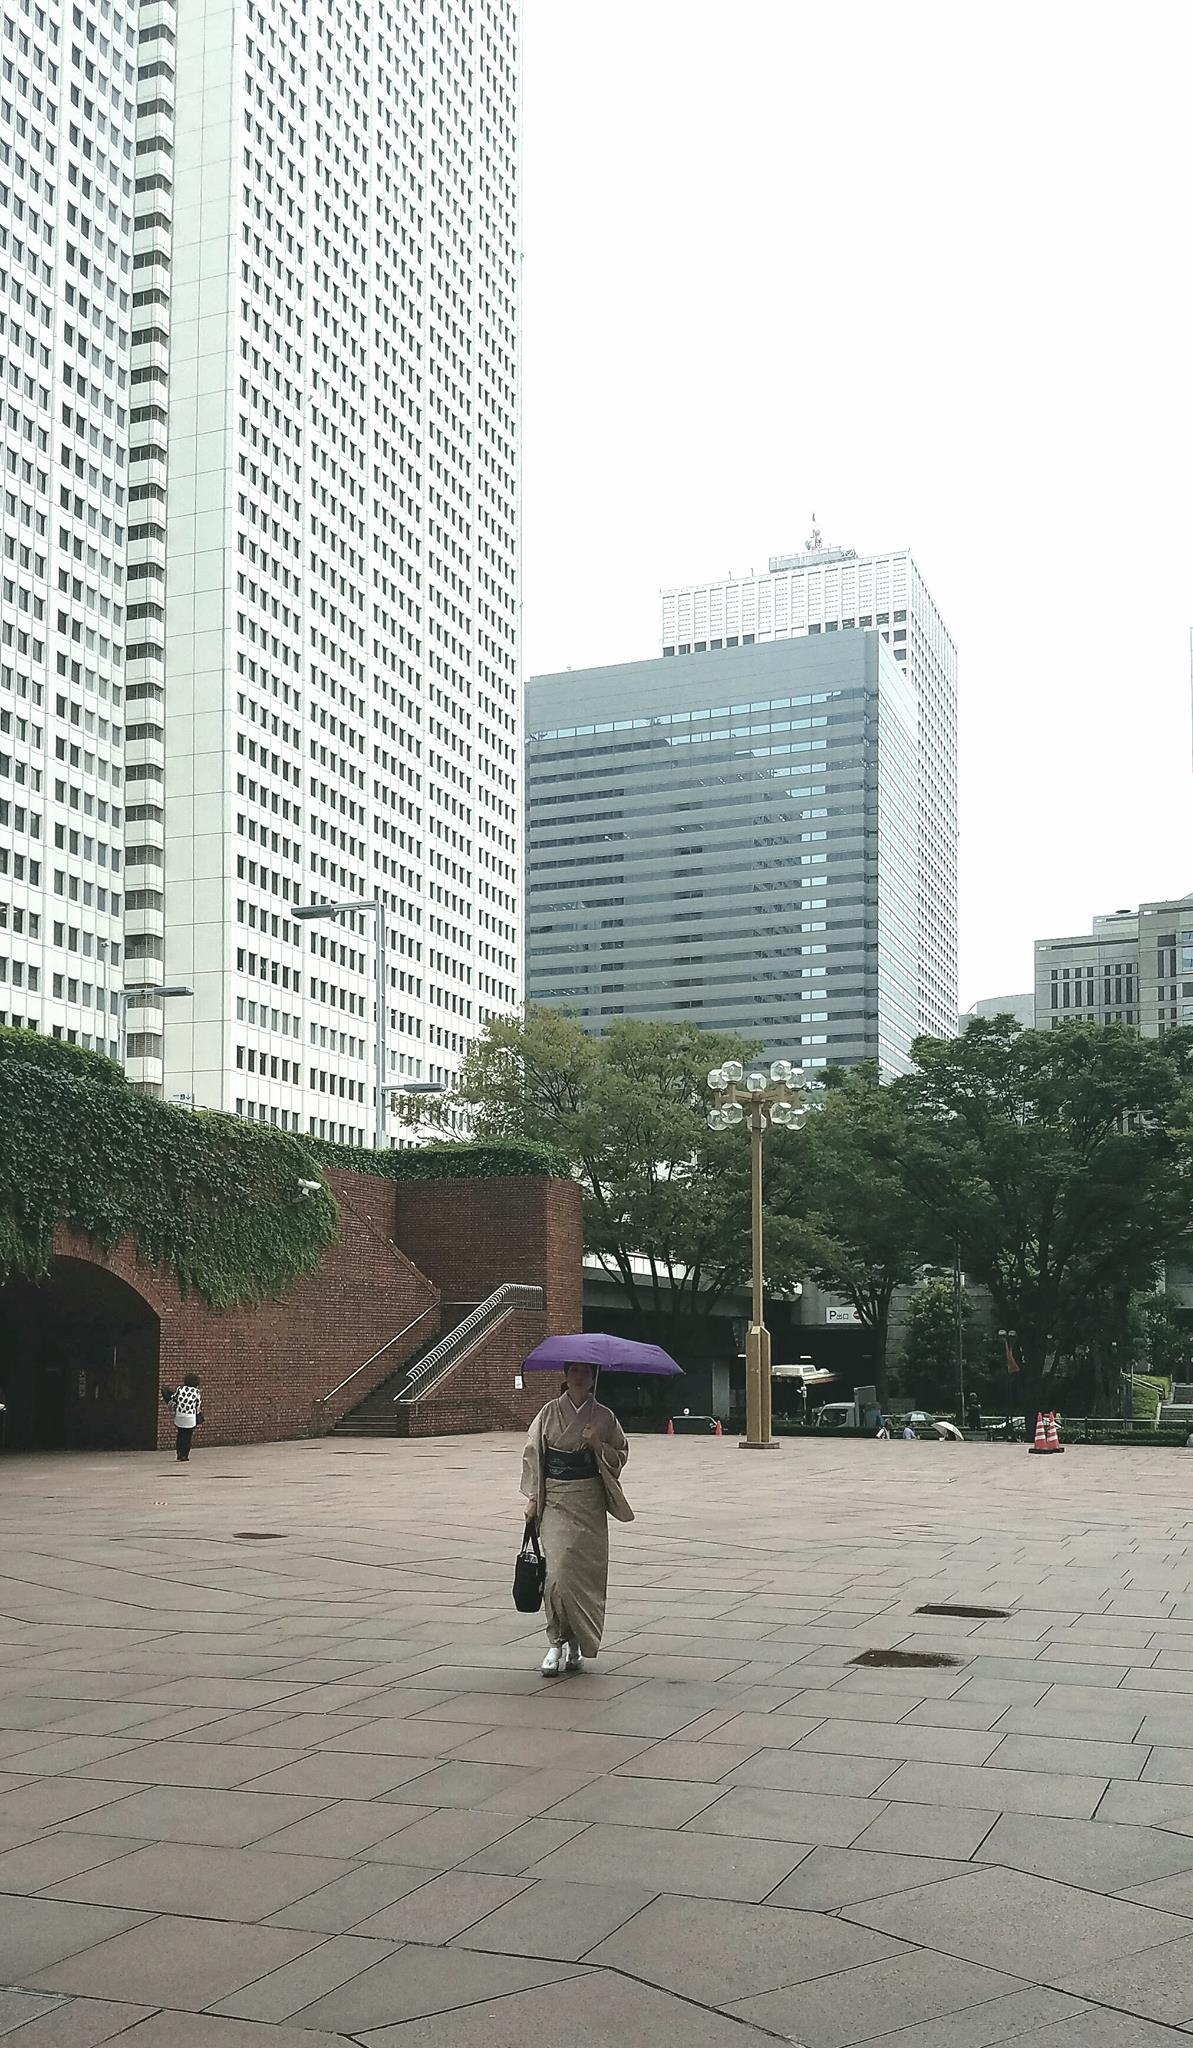 Западное Синдзюку – первый район офисных небоскребов в Токио